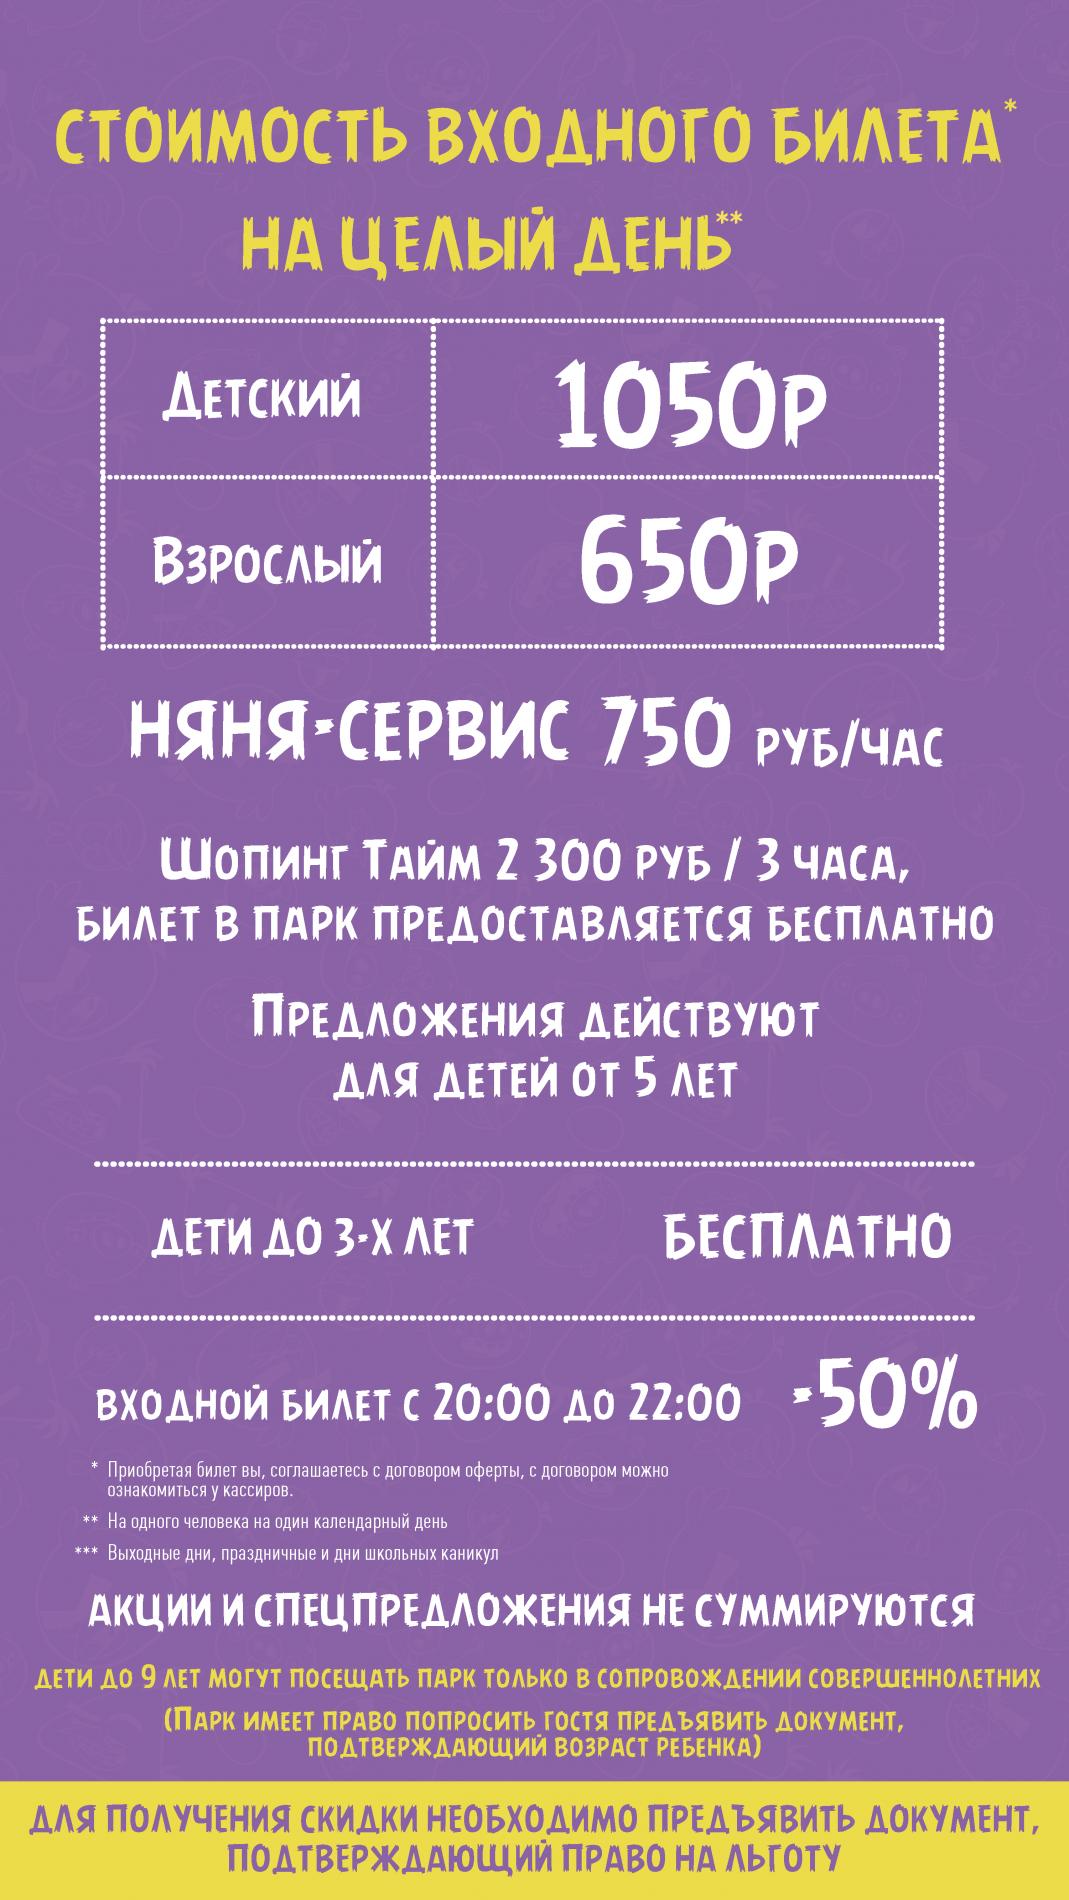 Часа санкт в петербурге стоимость человека за парковки шереметьево в час стоимость